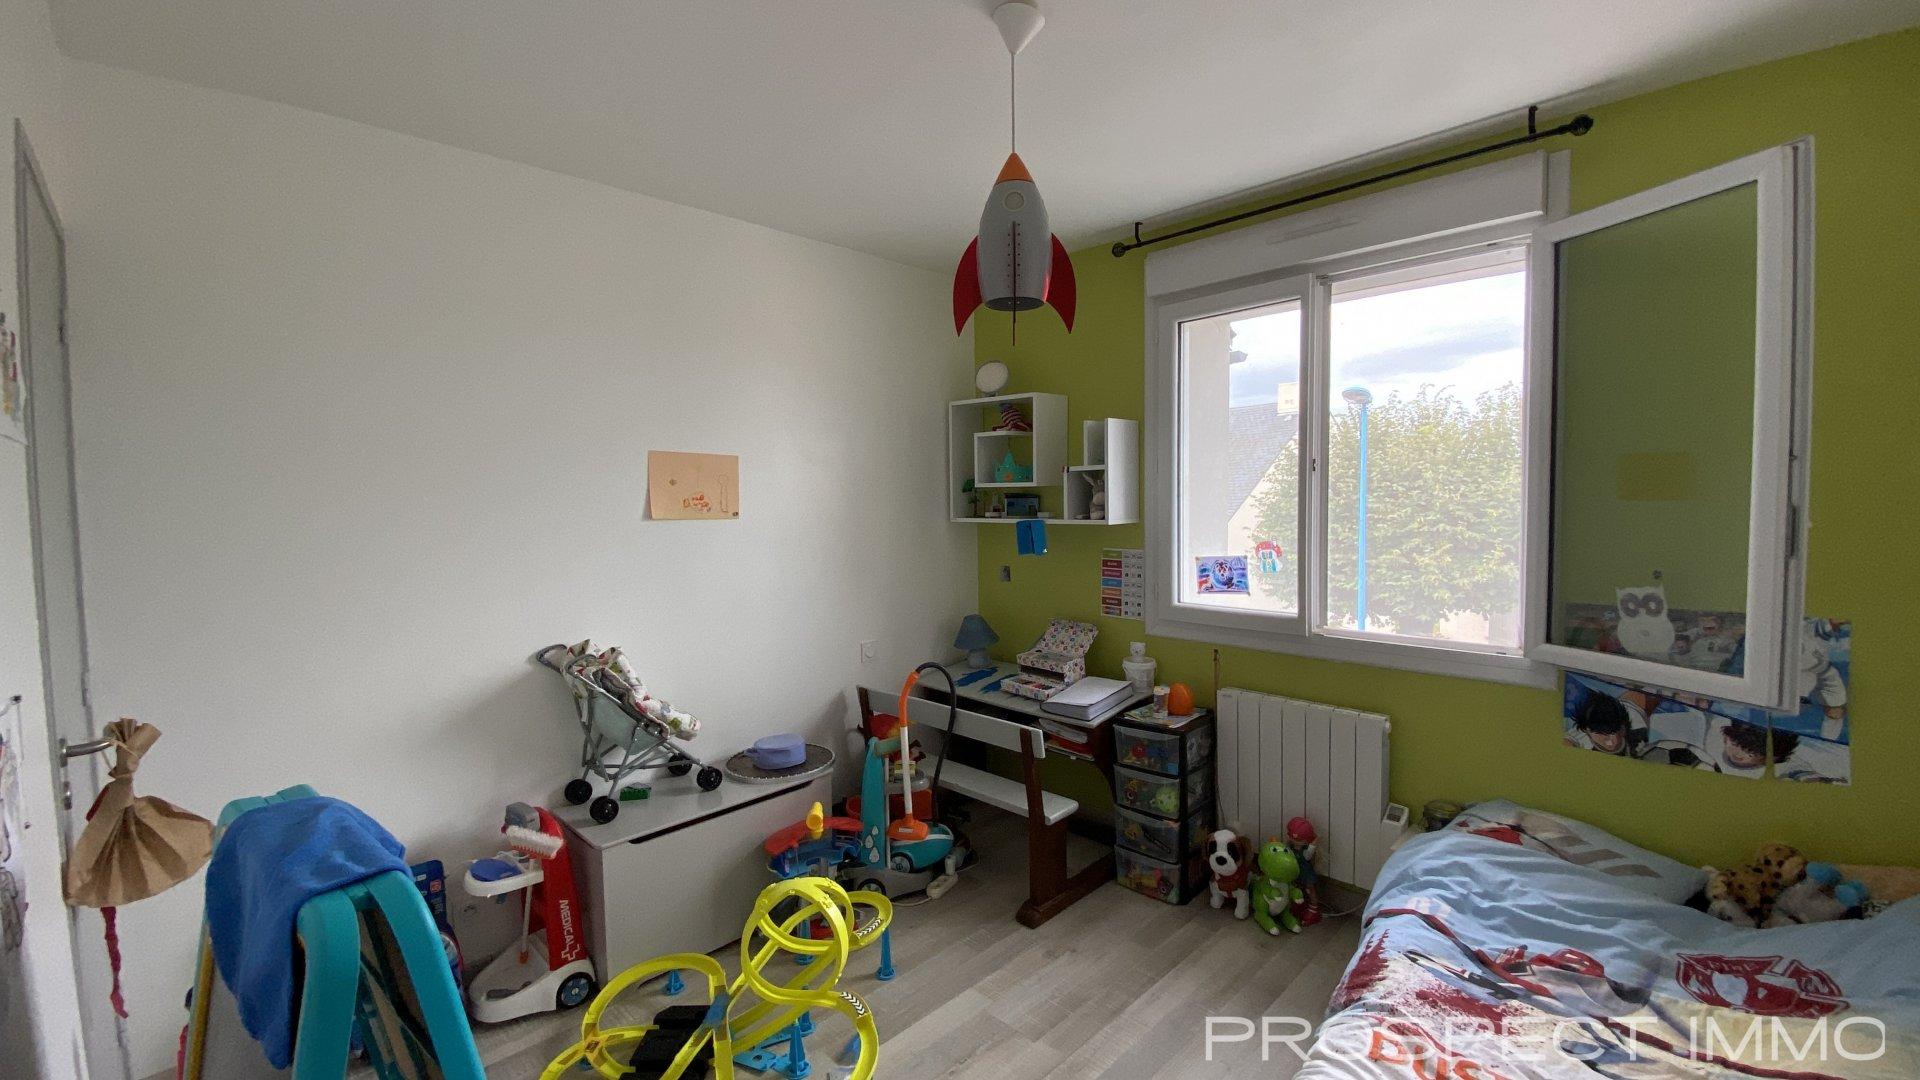 Maison 4 pièces avec terrain et garage